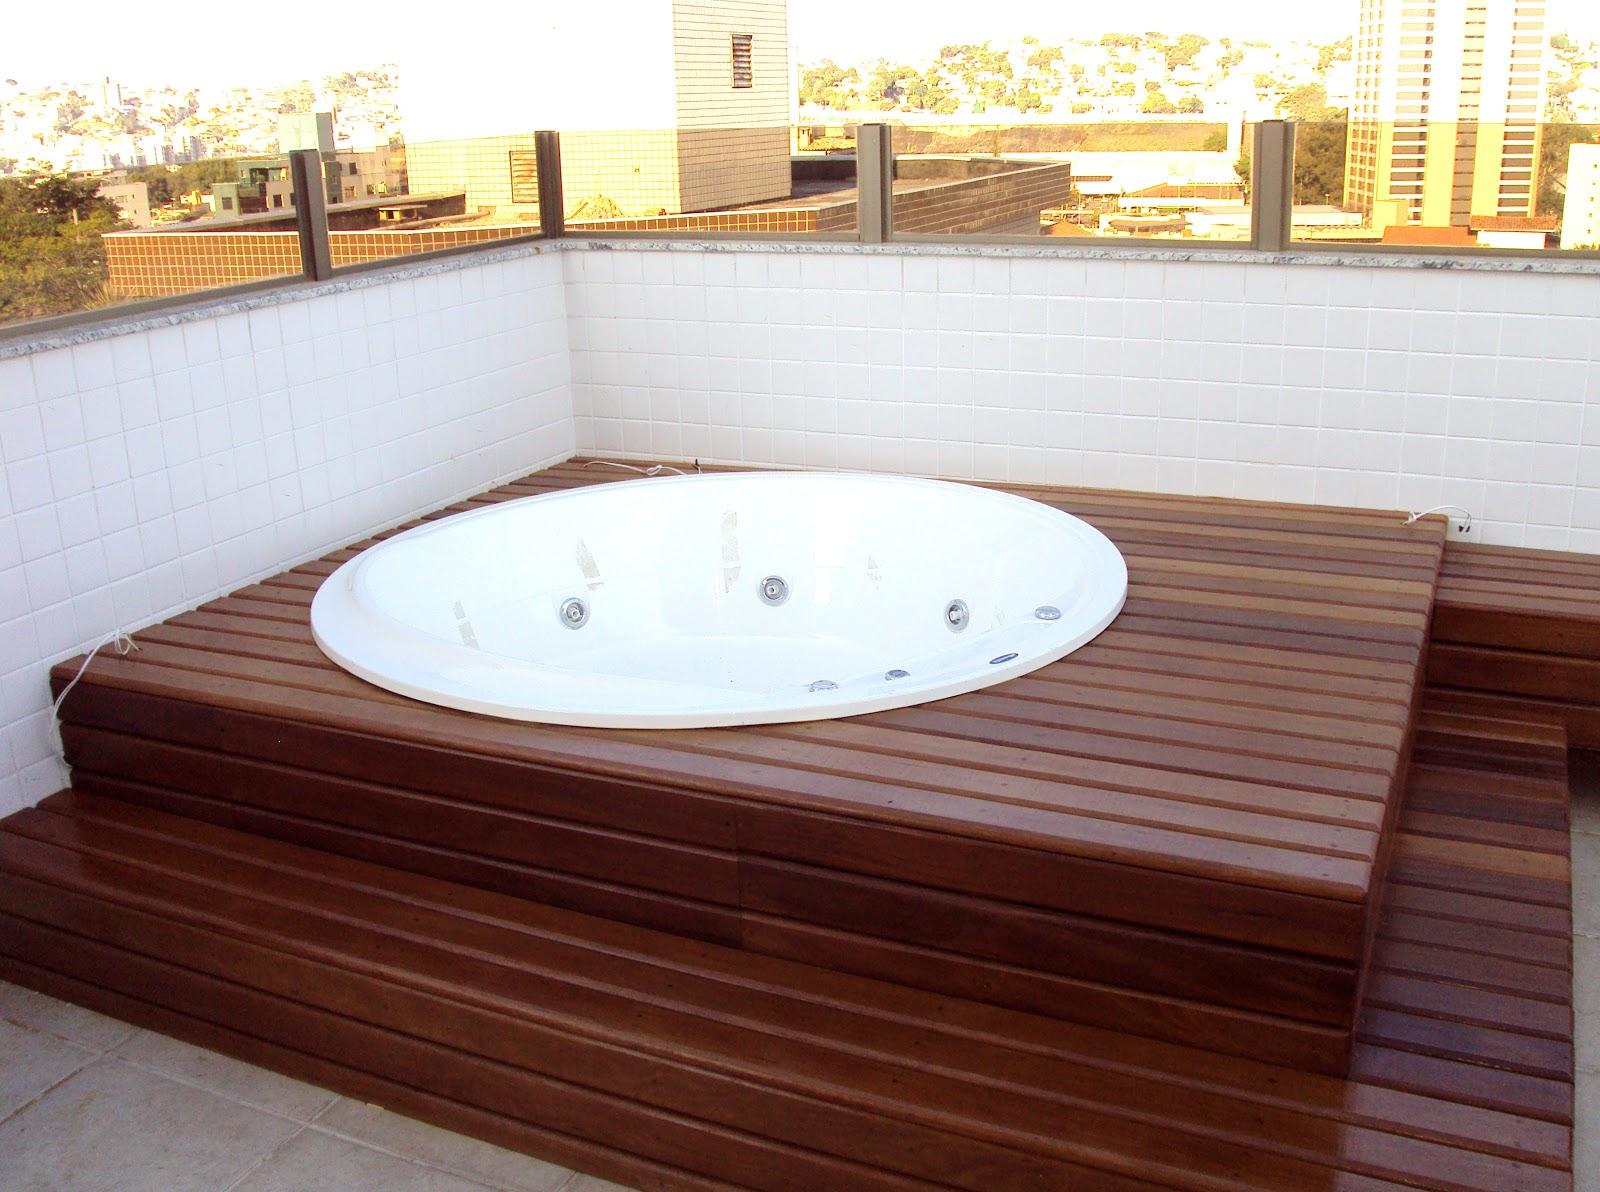 #AC851F  RIO PRETO PORTAS E JANELAS MADEIRA Decks Restauração Rio Preto 110 Janelas De Vidro Em Rio Preto